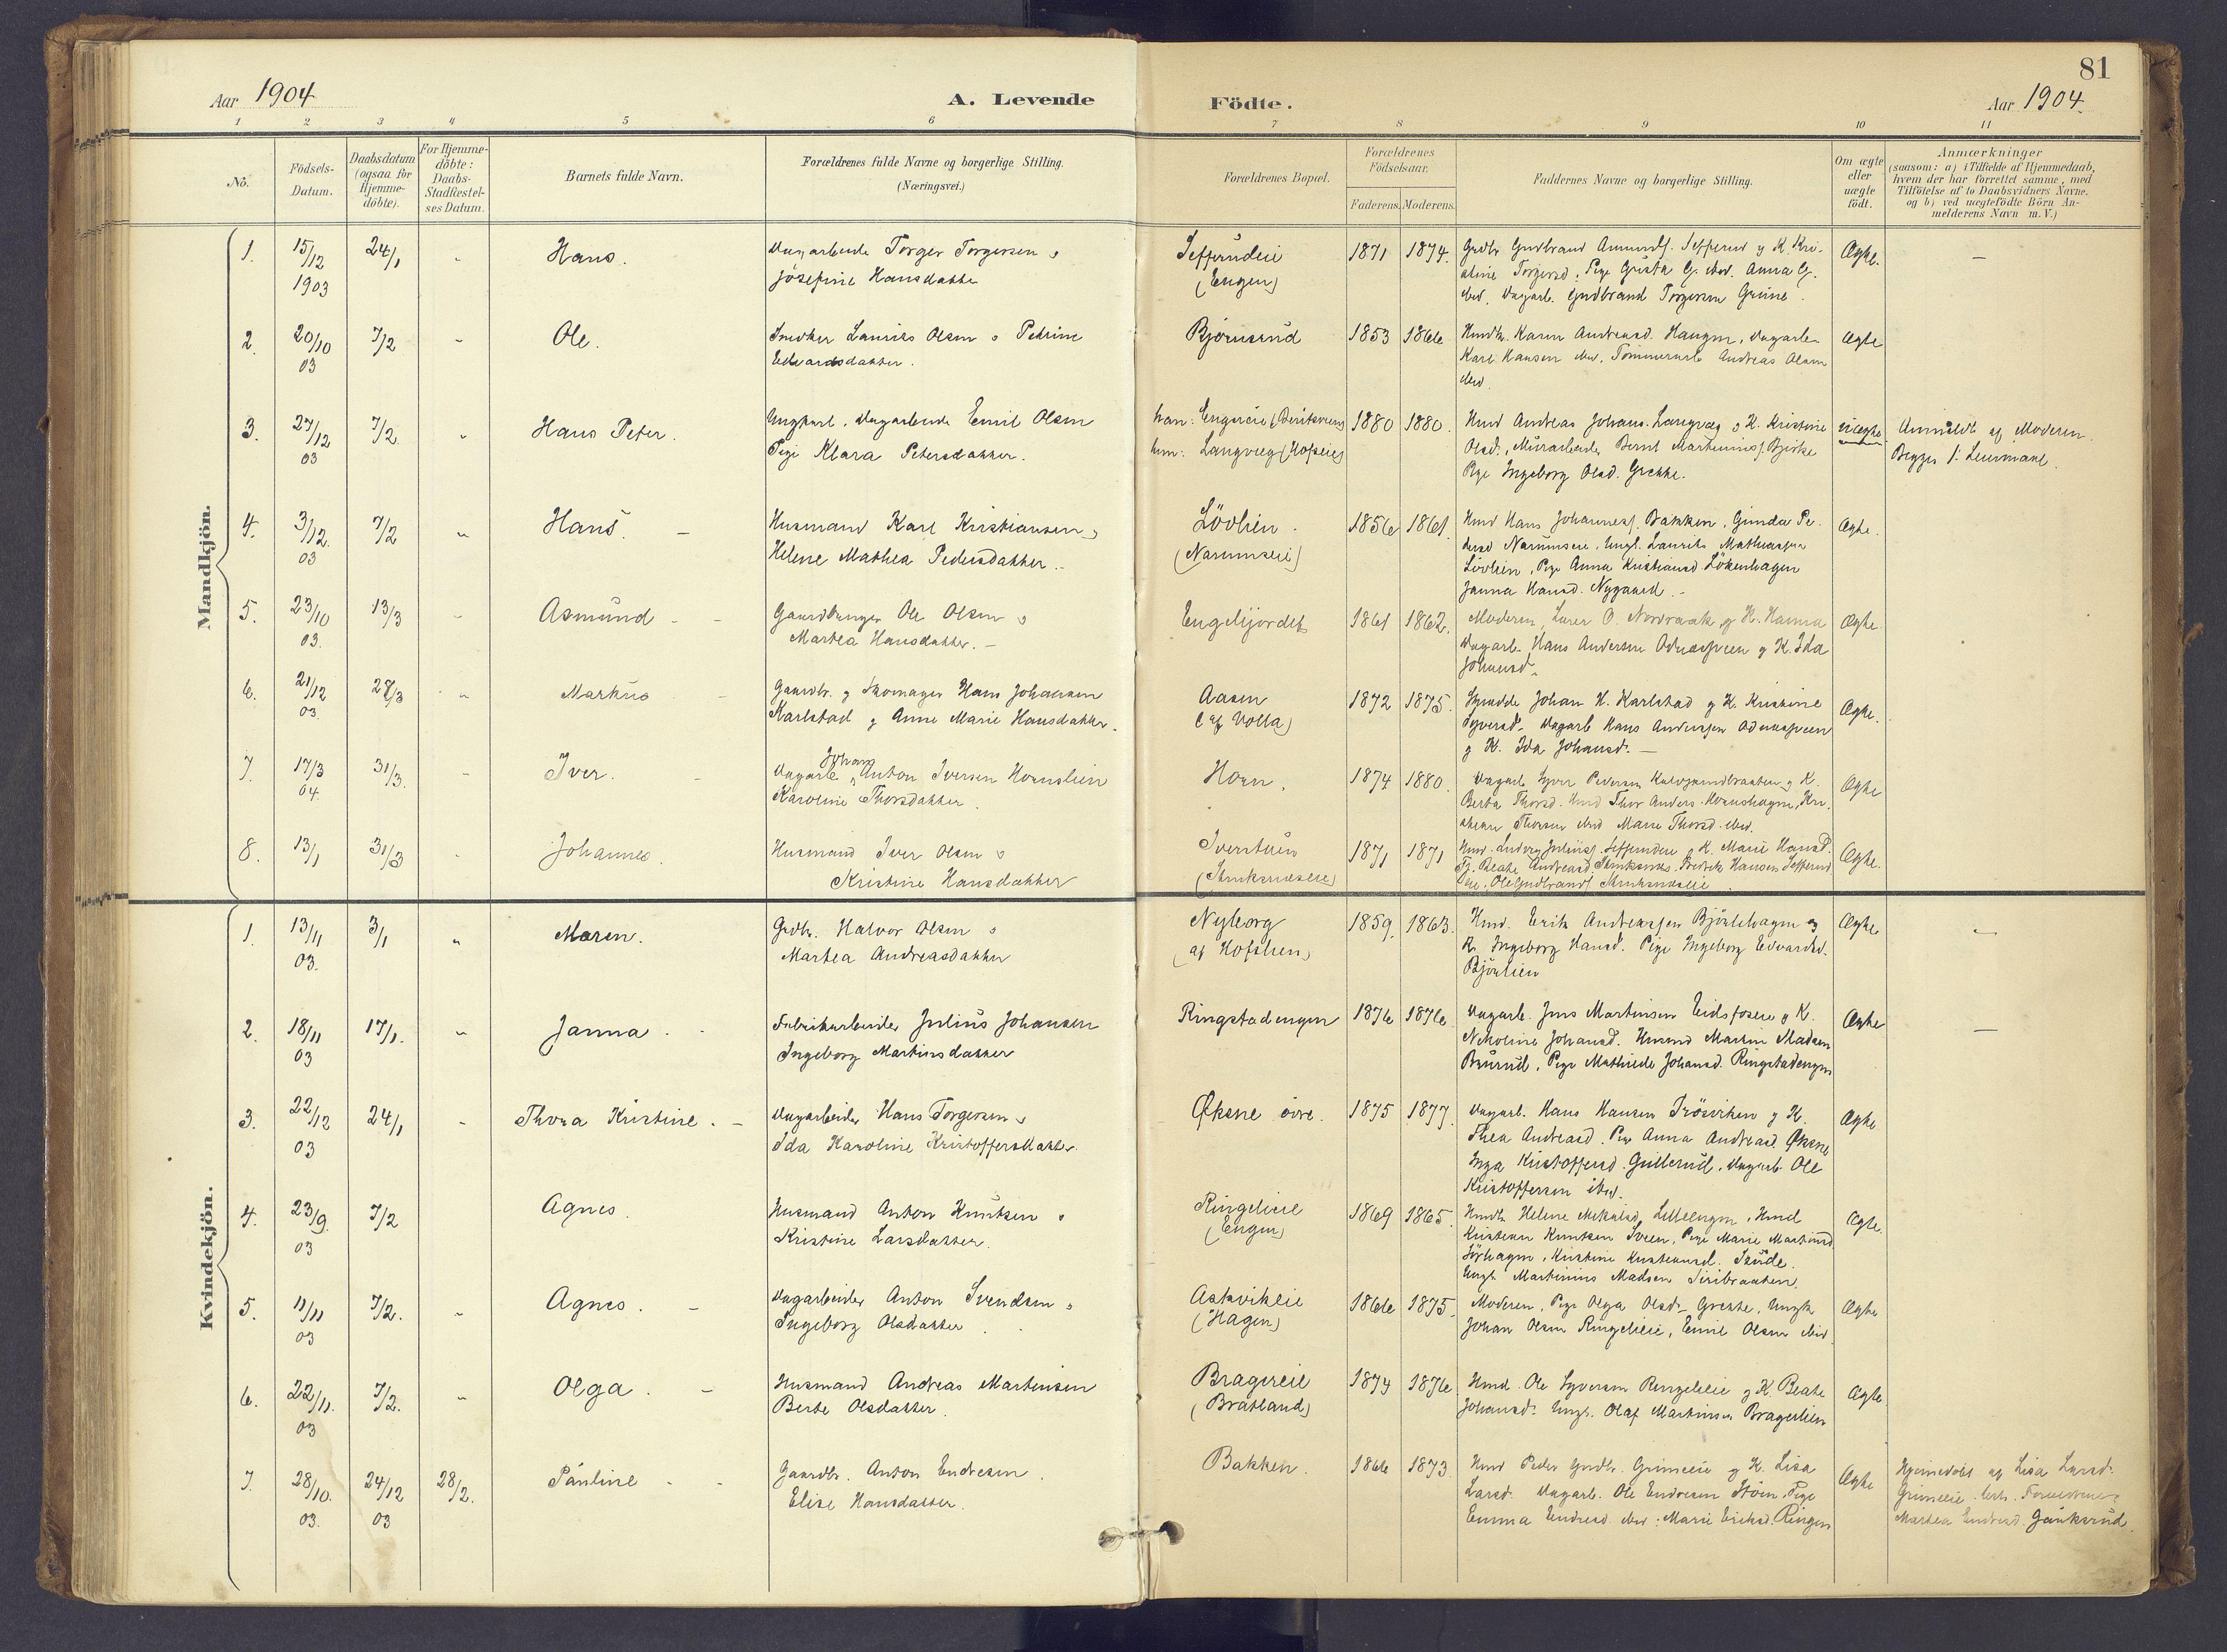 SAH, Søndre Land prestekontor, K/L0006: Ministerialbok nr. 6, 1895-1904, s. 81